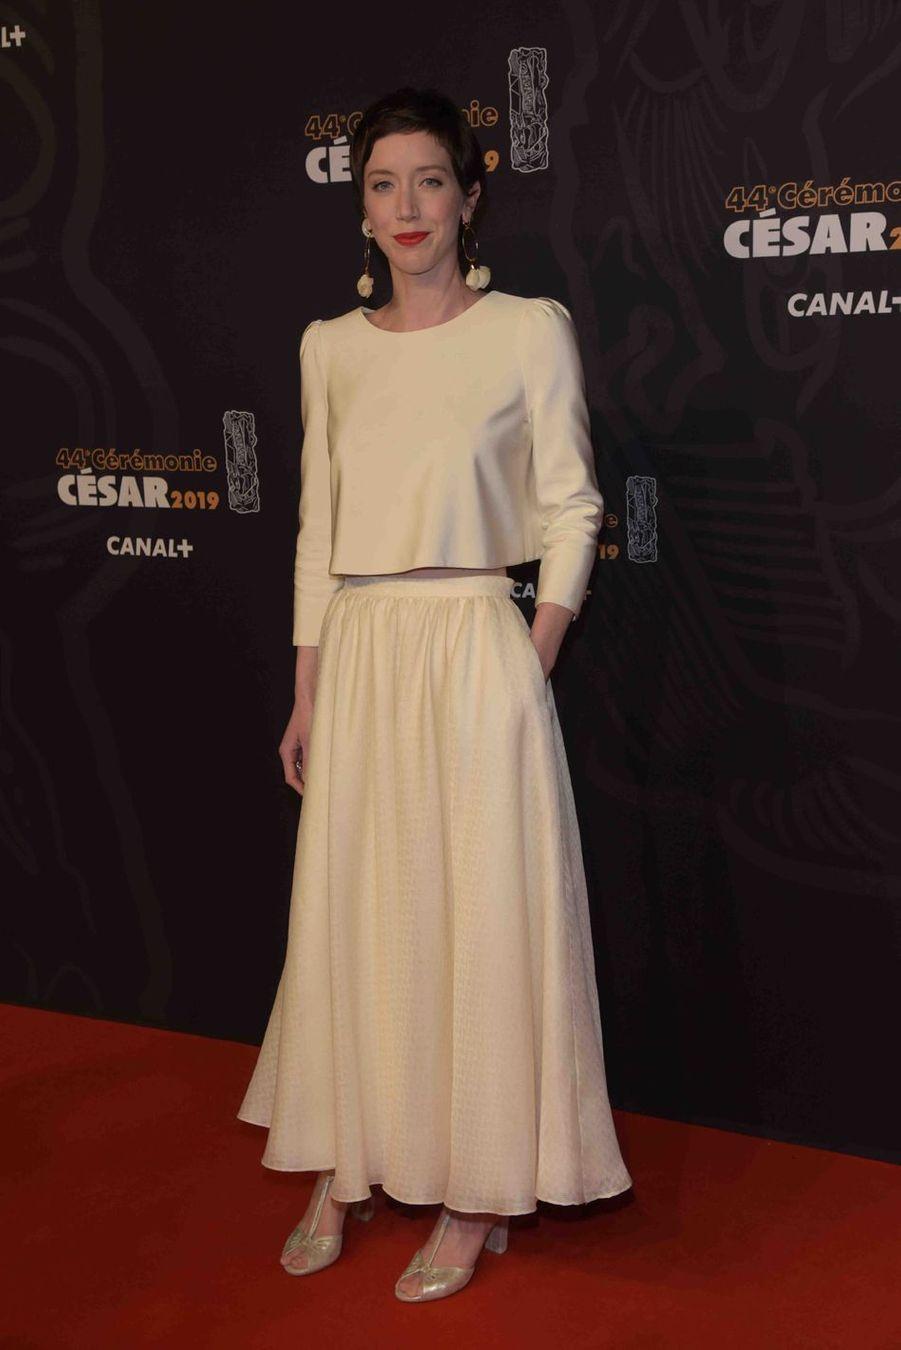 Sara Giraudeauà la 44e cérémonie des César à la Salle Pleyel à Paris le 22 février 2019